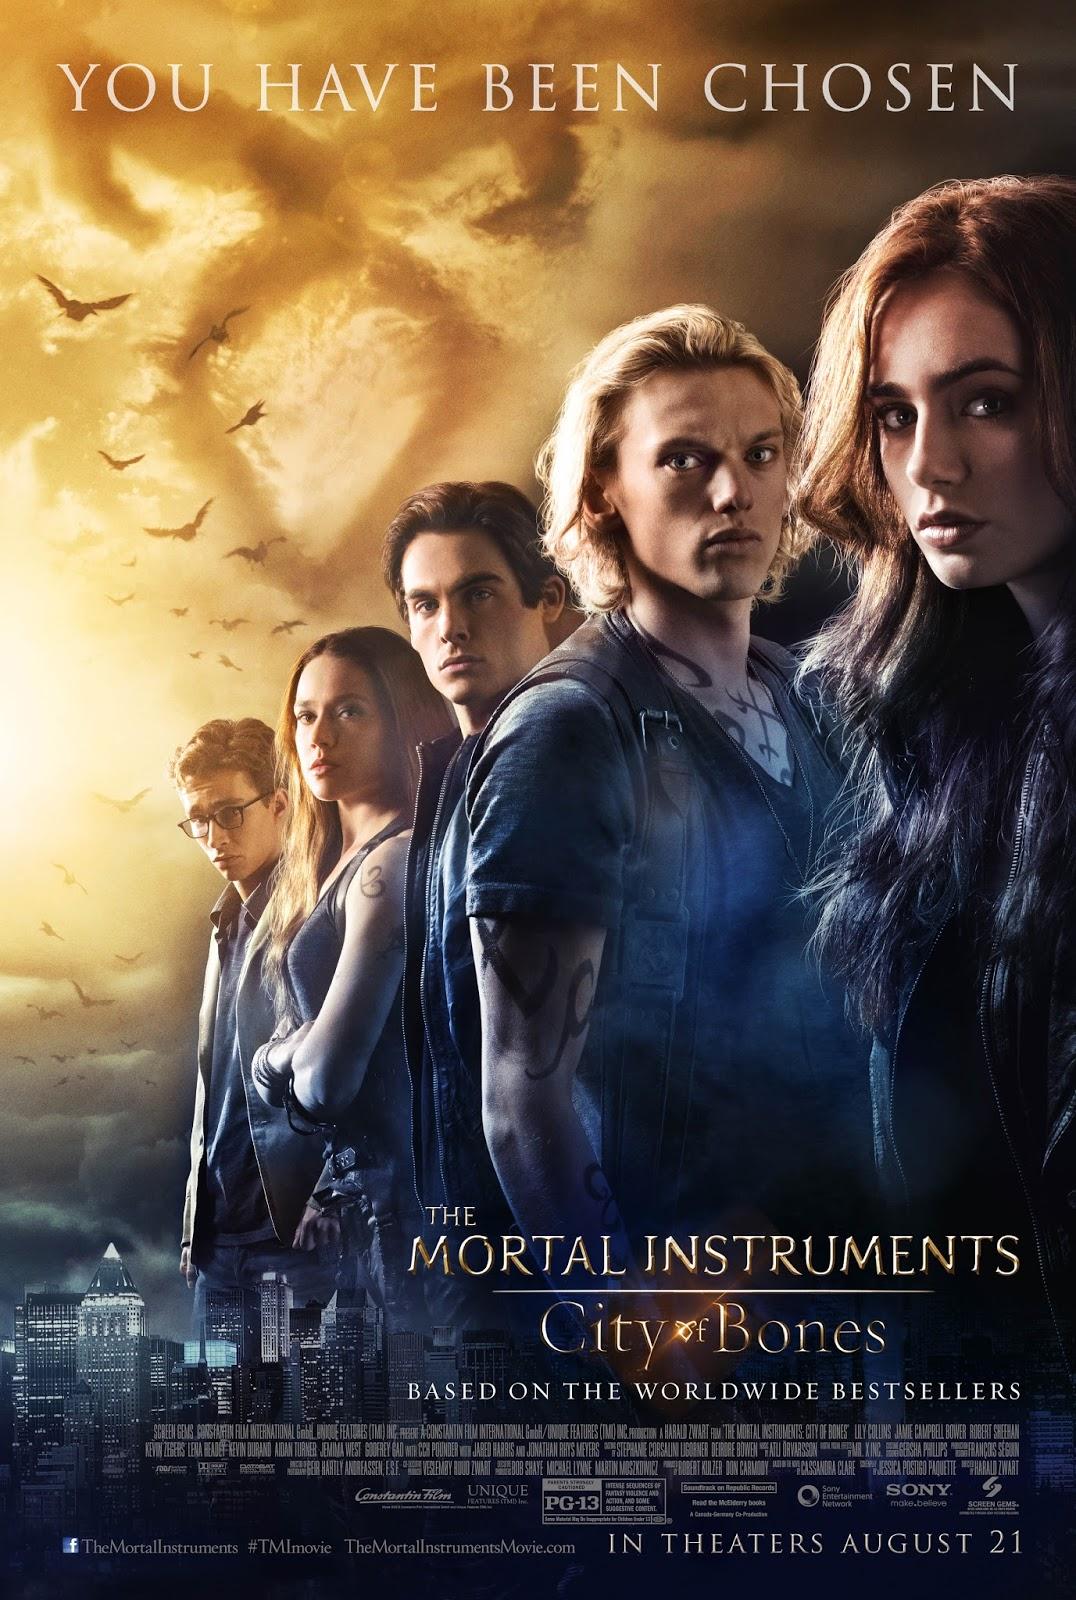 the mortal instruments city of bones wallpapers - The Mortal Instruments City of Bones Movie Wallpaper #1